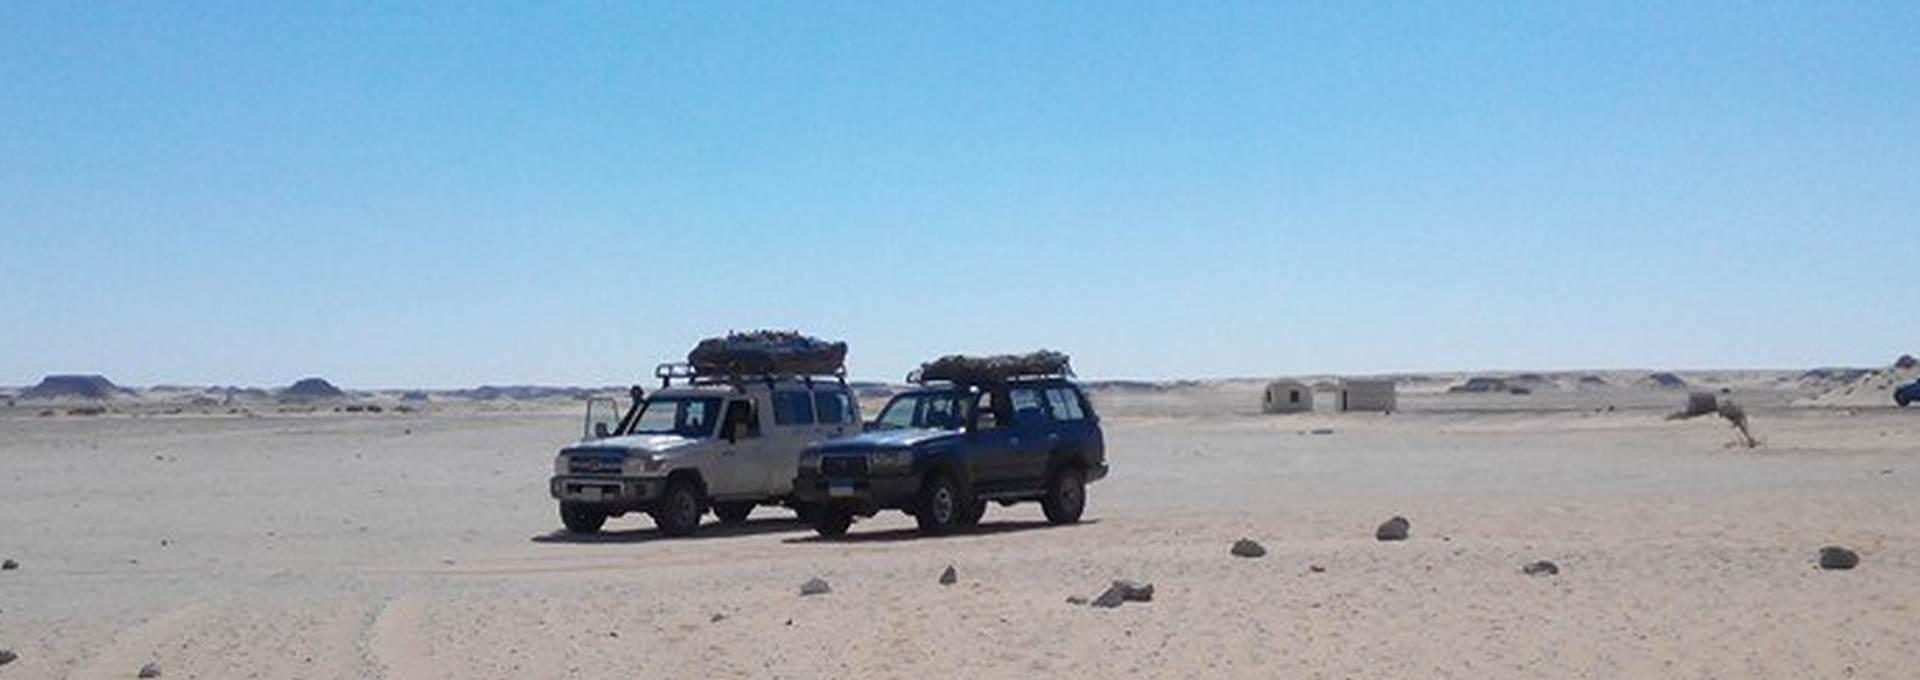 NALAZILI SE NA ZABRANJENOM PODRUČJU: Egipatska vojska zabunom otvorila vatru na turiste, 12 poginulih